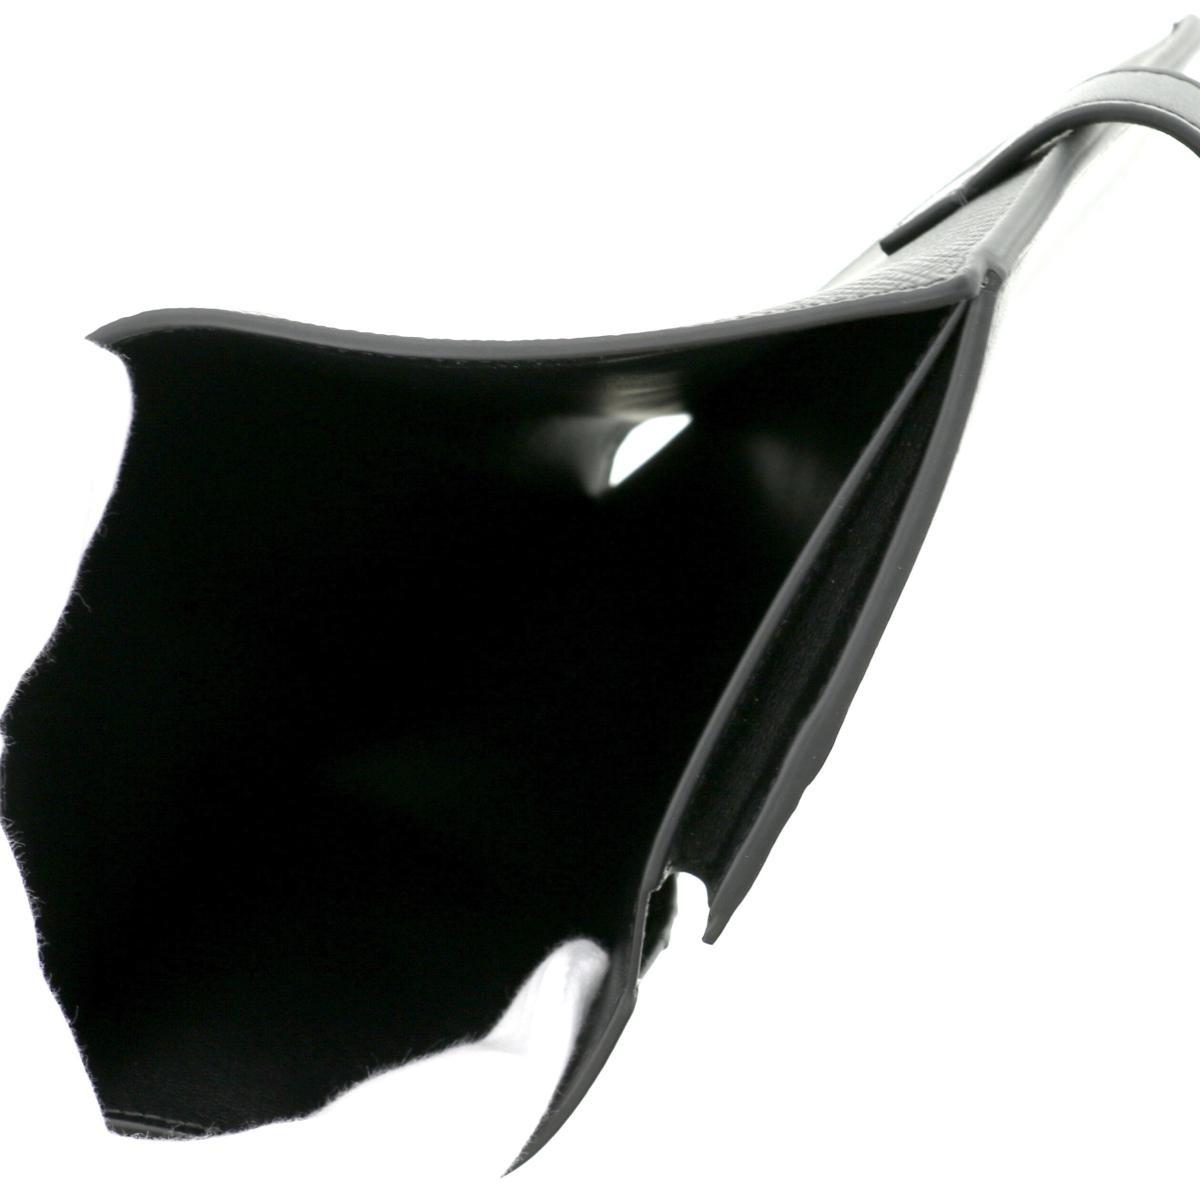 【美品】【中古】CELINE セリーヌ ミディアム ストラップウォレット 財布 二つ折り財布(小銭入有) コンパクトウォレット  Black/ブラック 10B643 unused:S